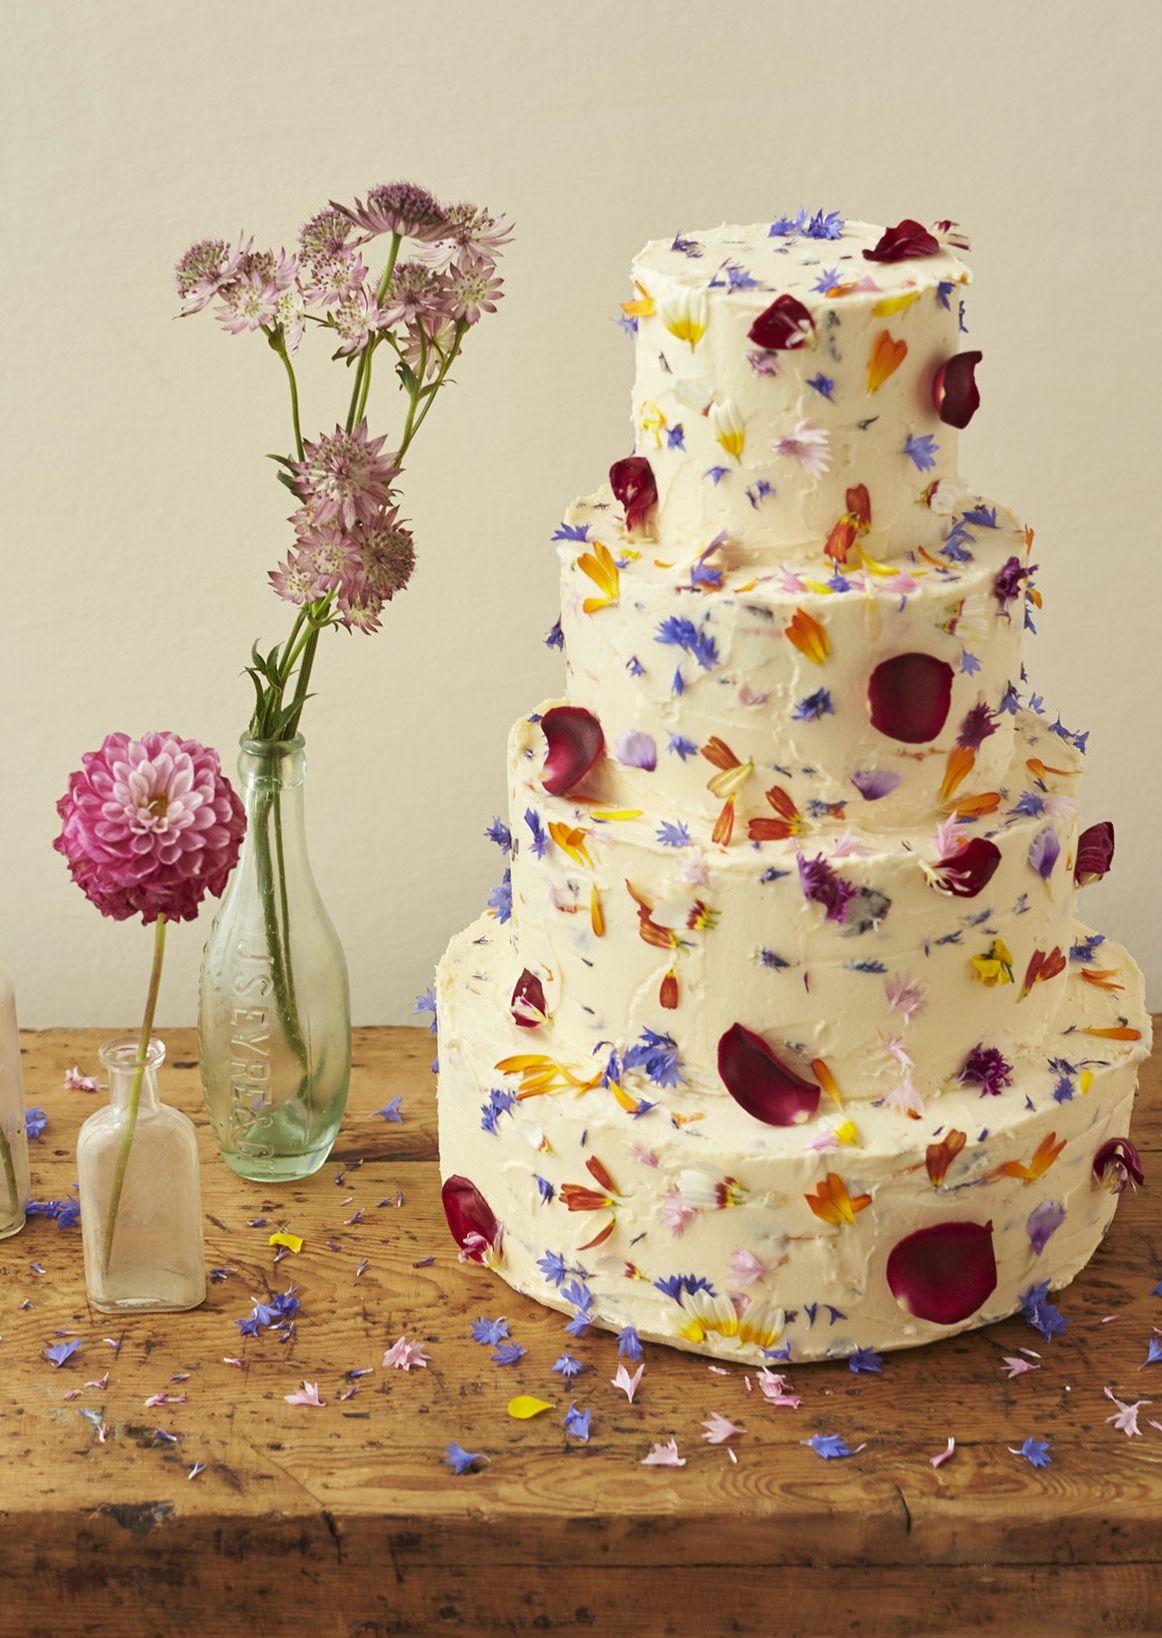 Edible flowers for wedding cakes essbare blumen kuchen